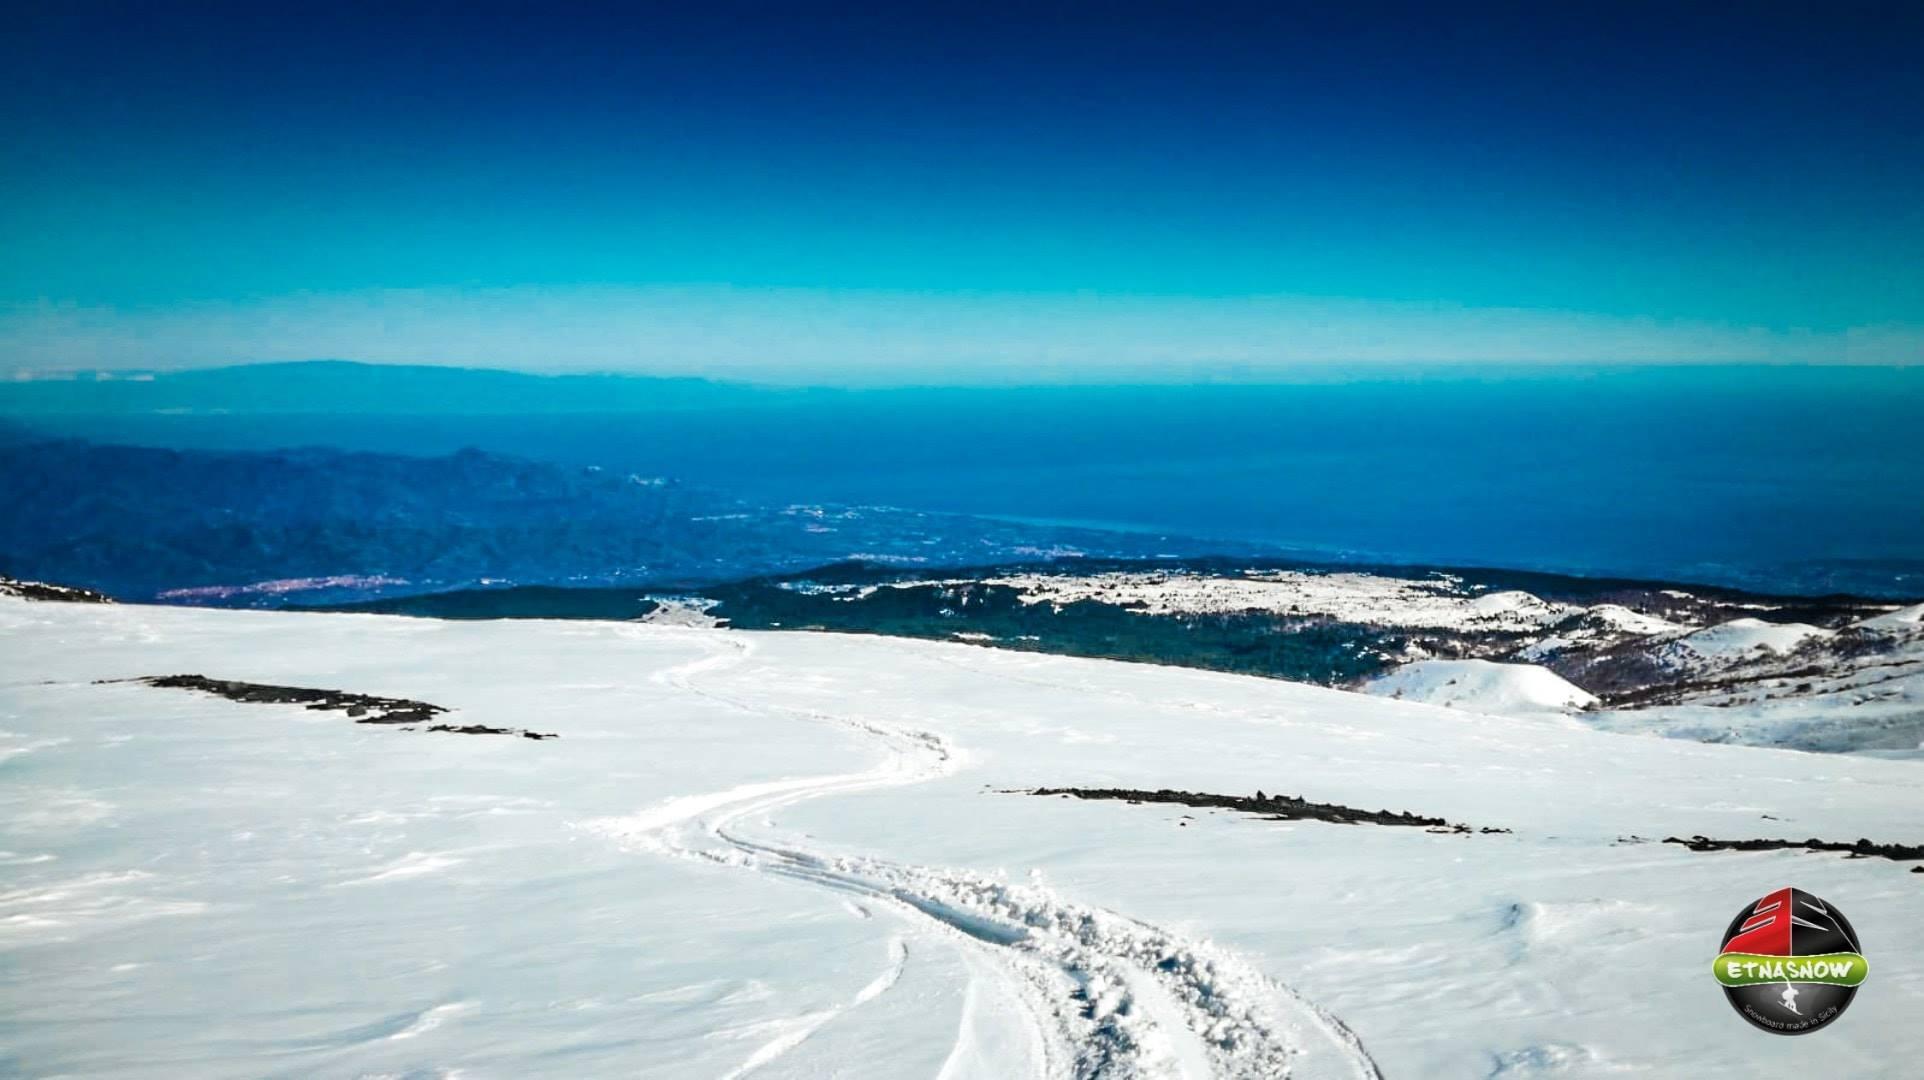 La visuale dell'Etna innevata versante Nord - Inverno 2019